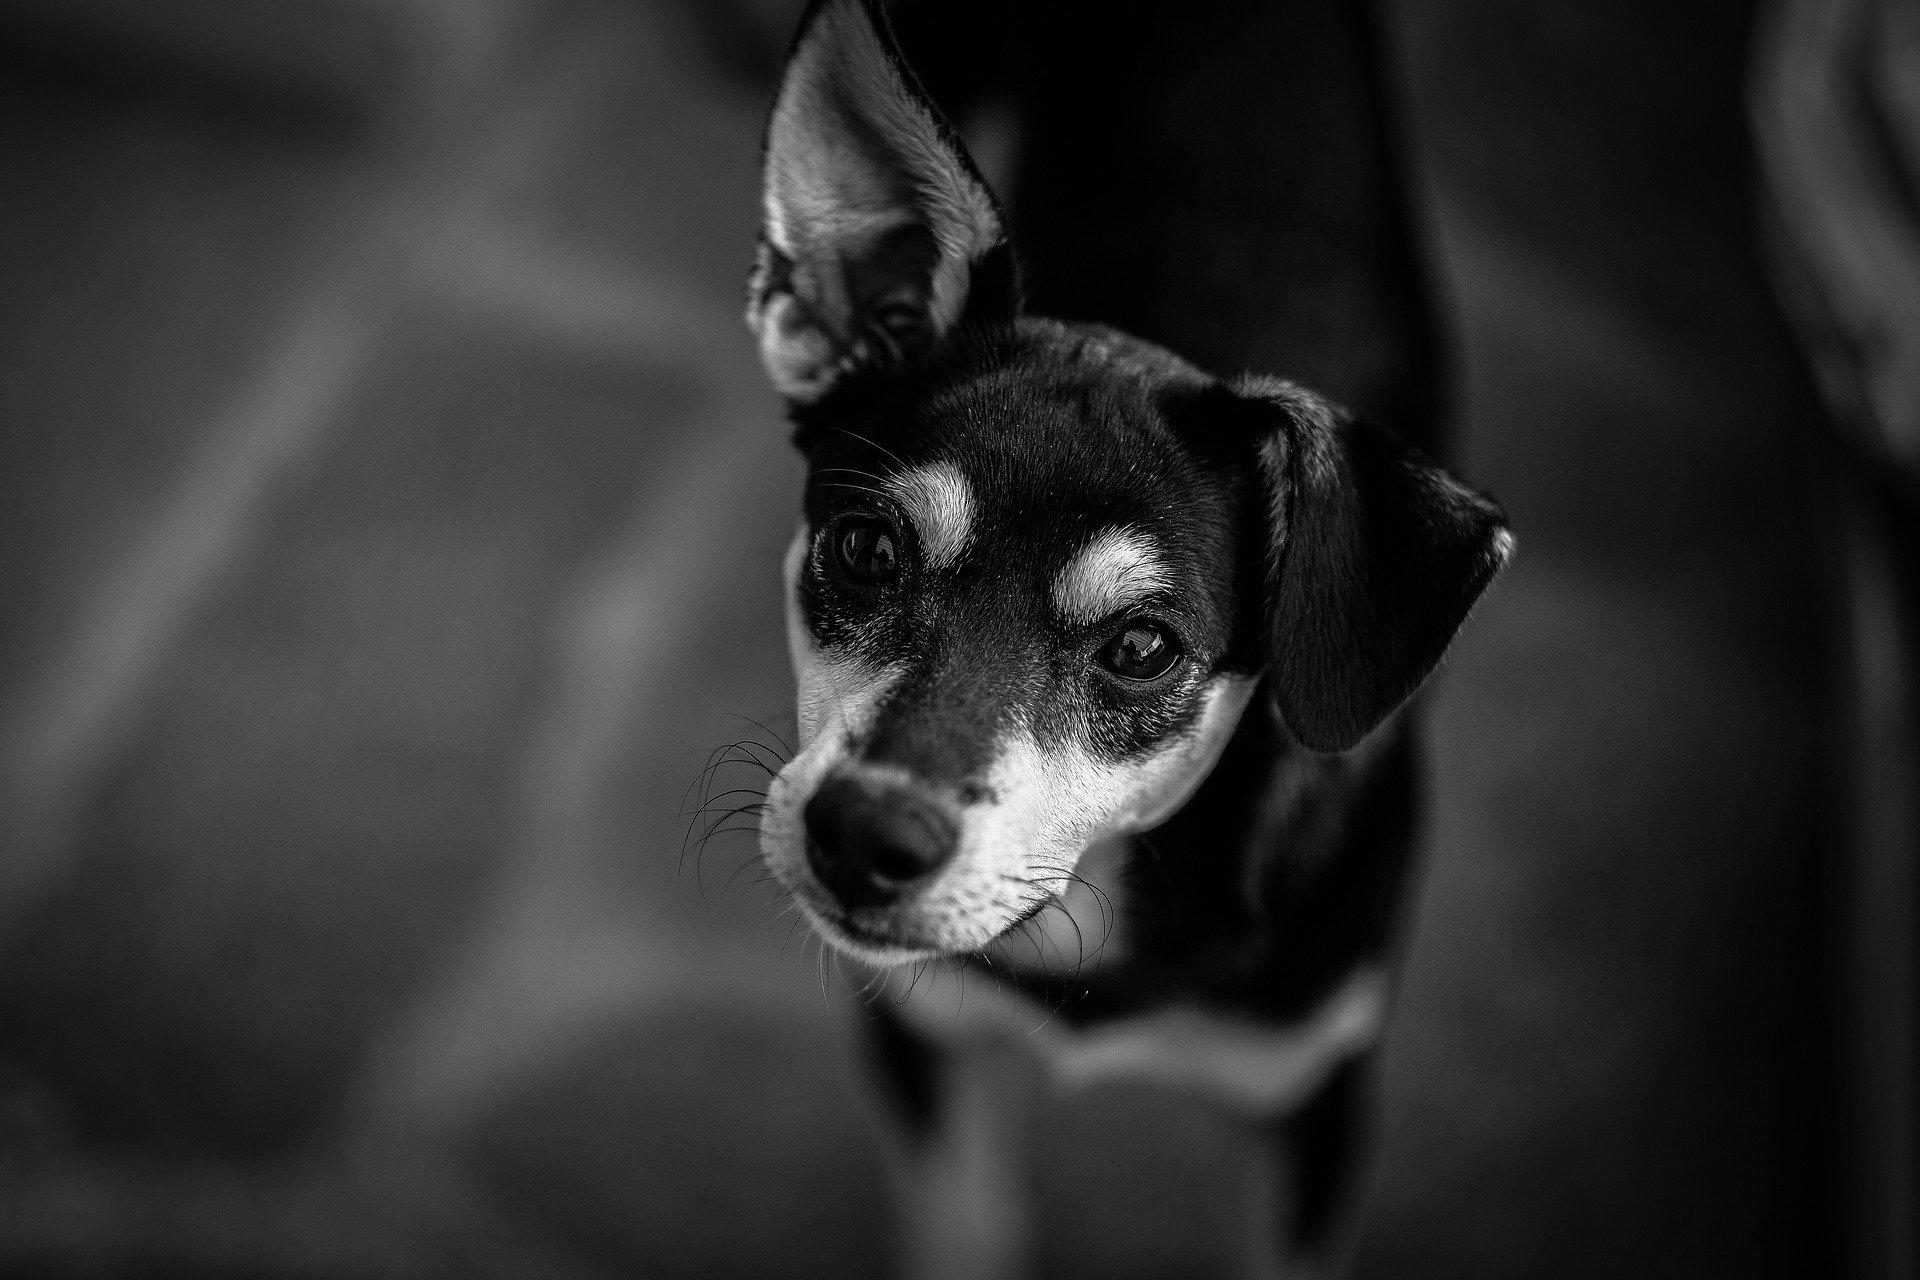 Castrazione del cane quando farla? E' consigliata?